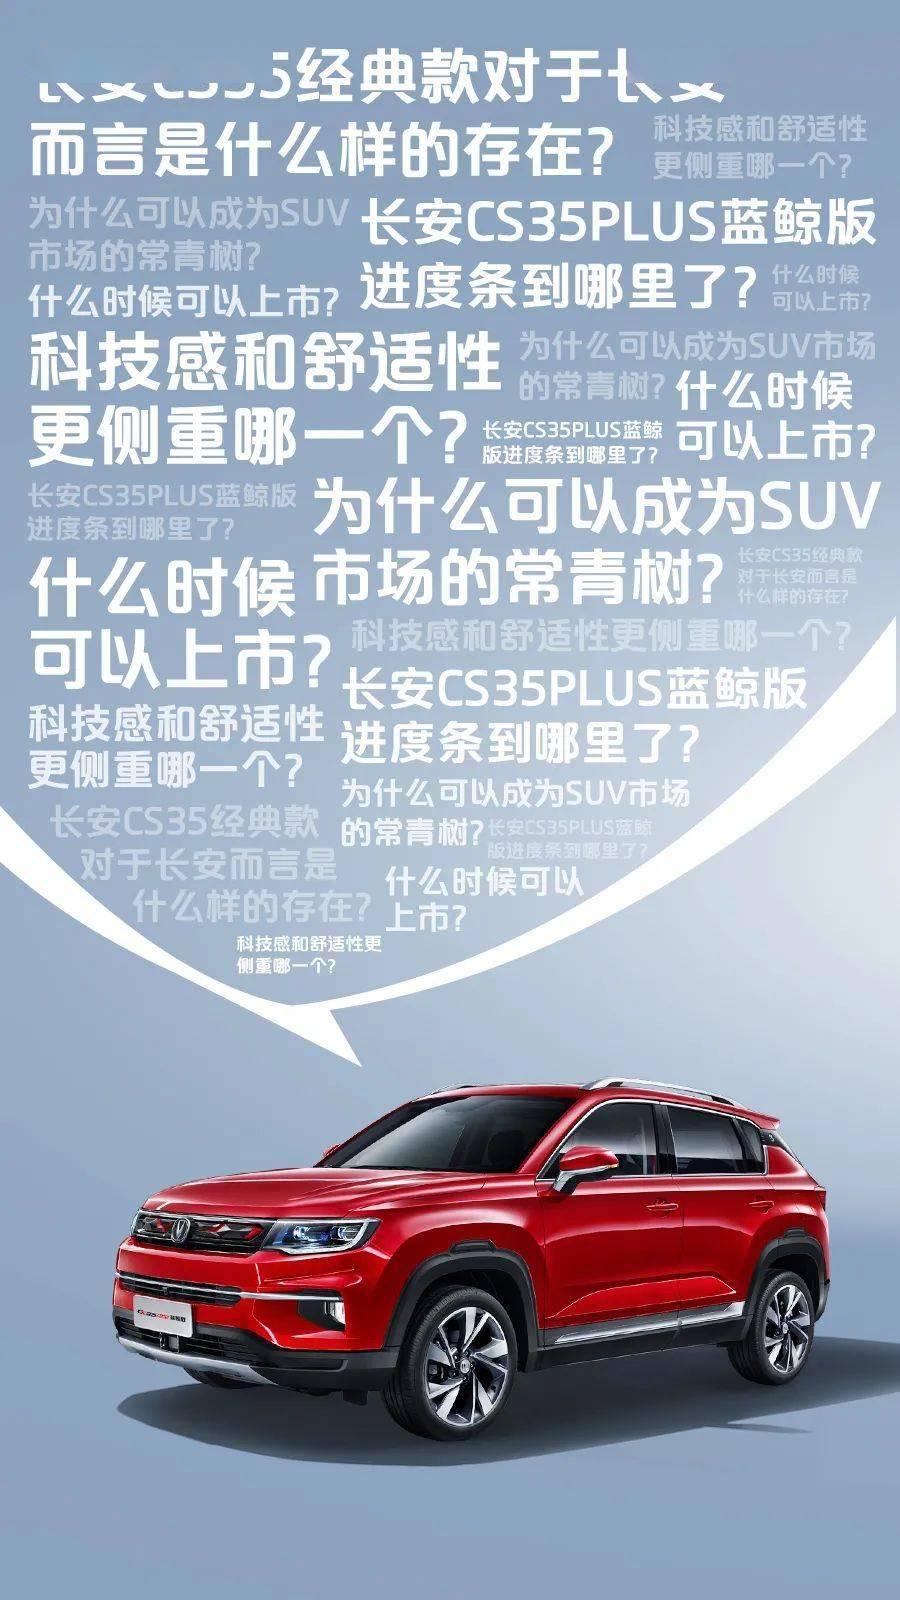 CS35plus集成最高收益18000元